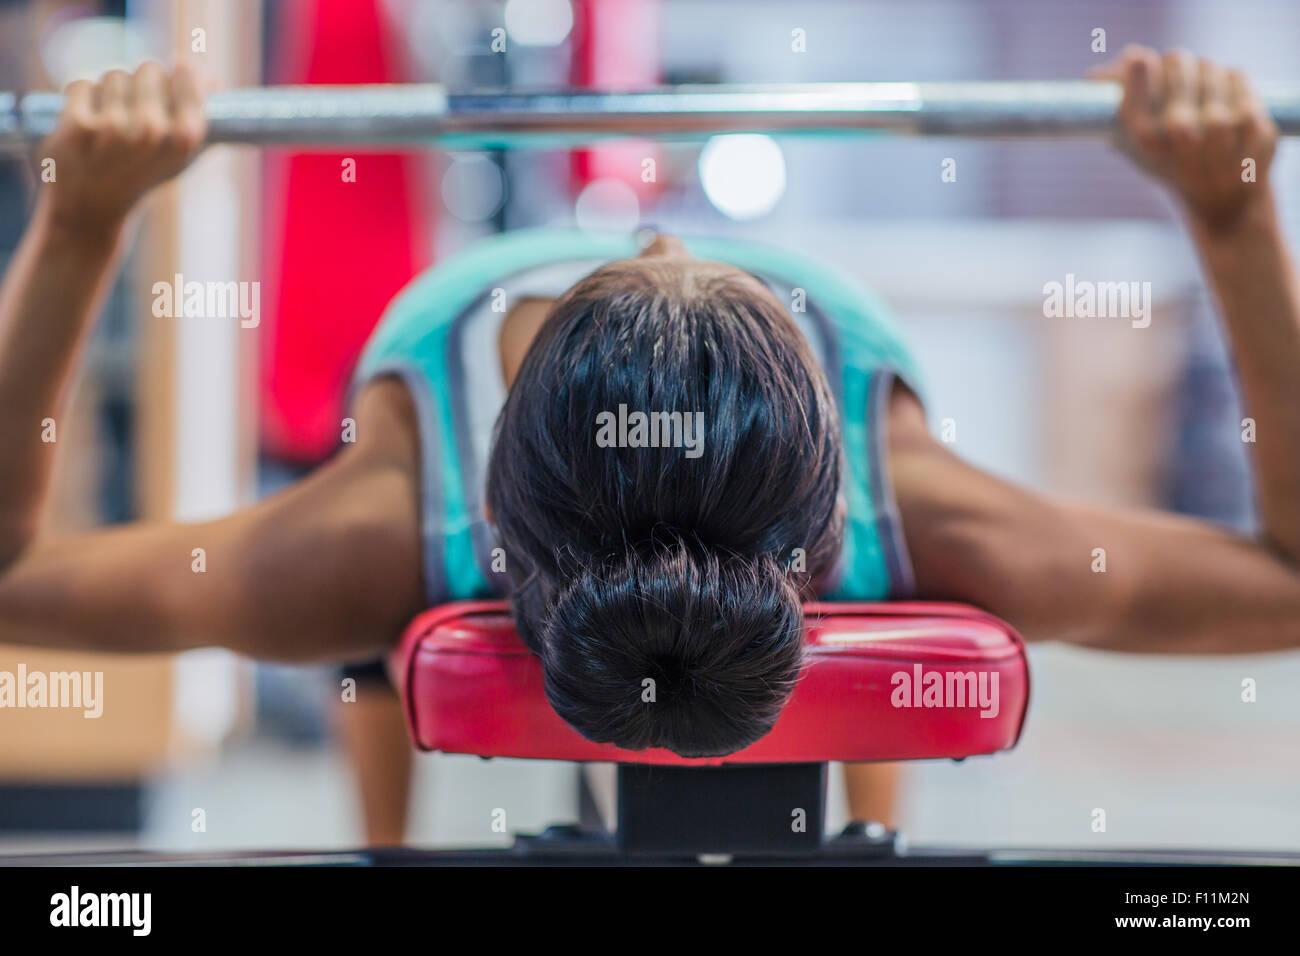 Mujer joven con entrenamiento barbell en el banquillo en el gimnasio Imagen De Stock